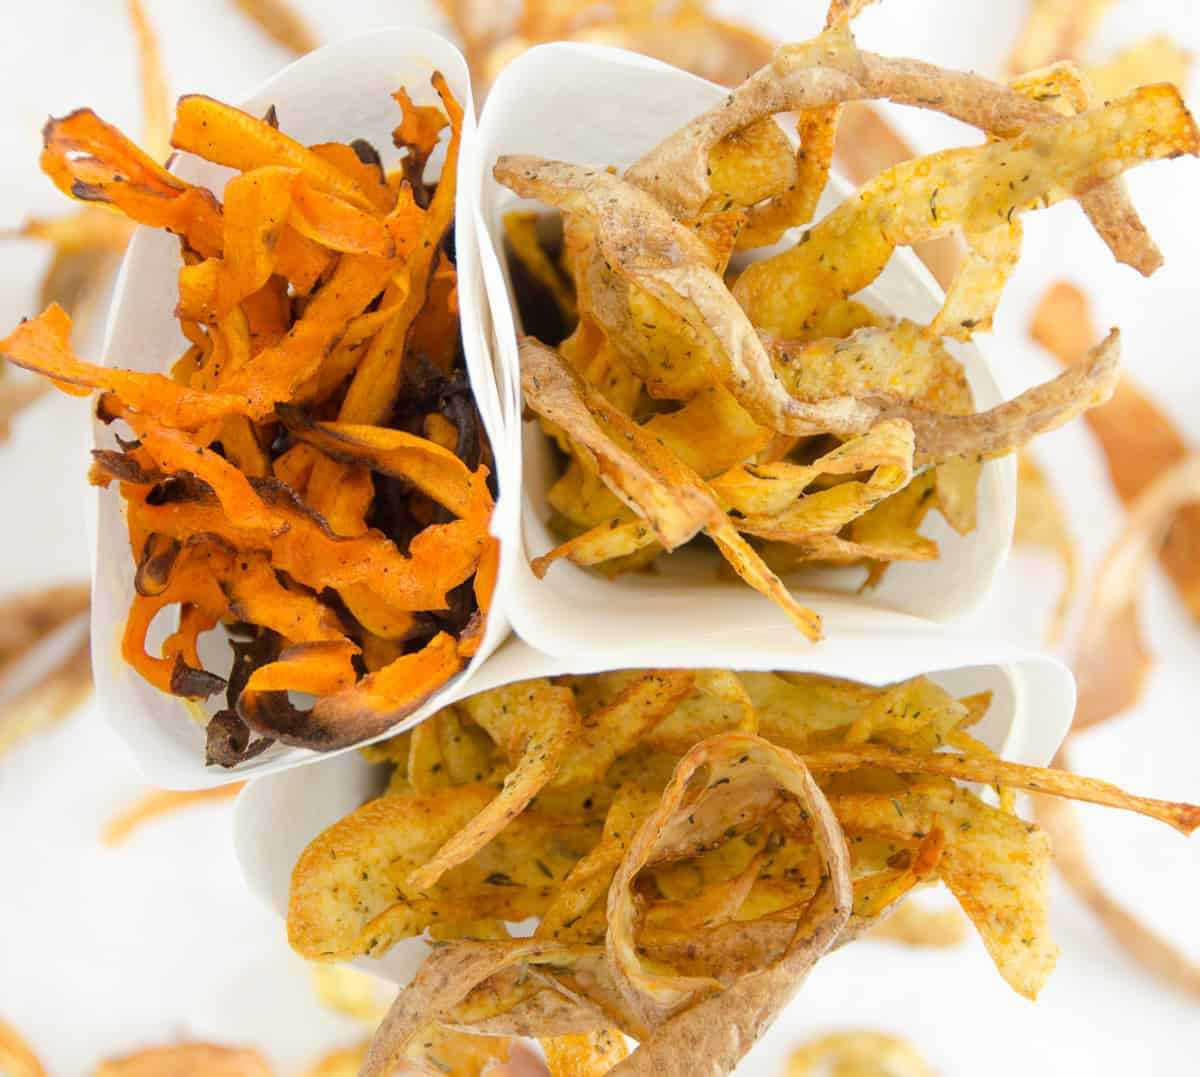 Chipsy Z Obierek Warzywnych Przepis Sprawdzona Kuchnia